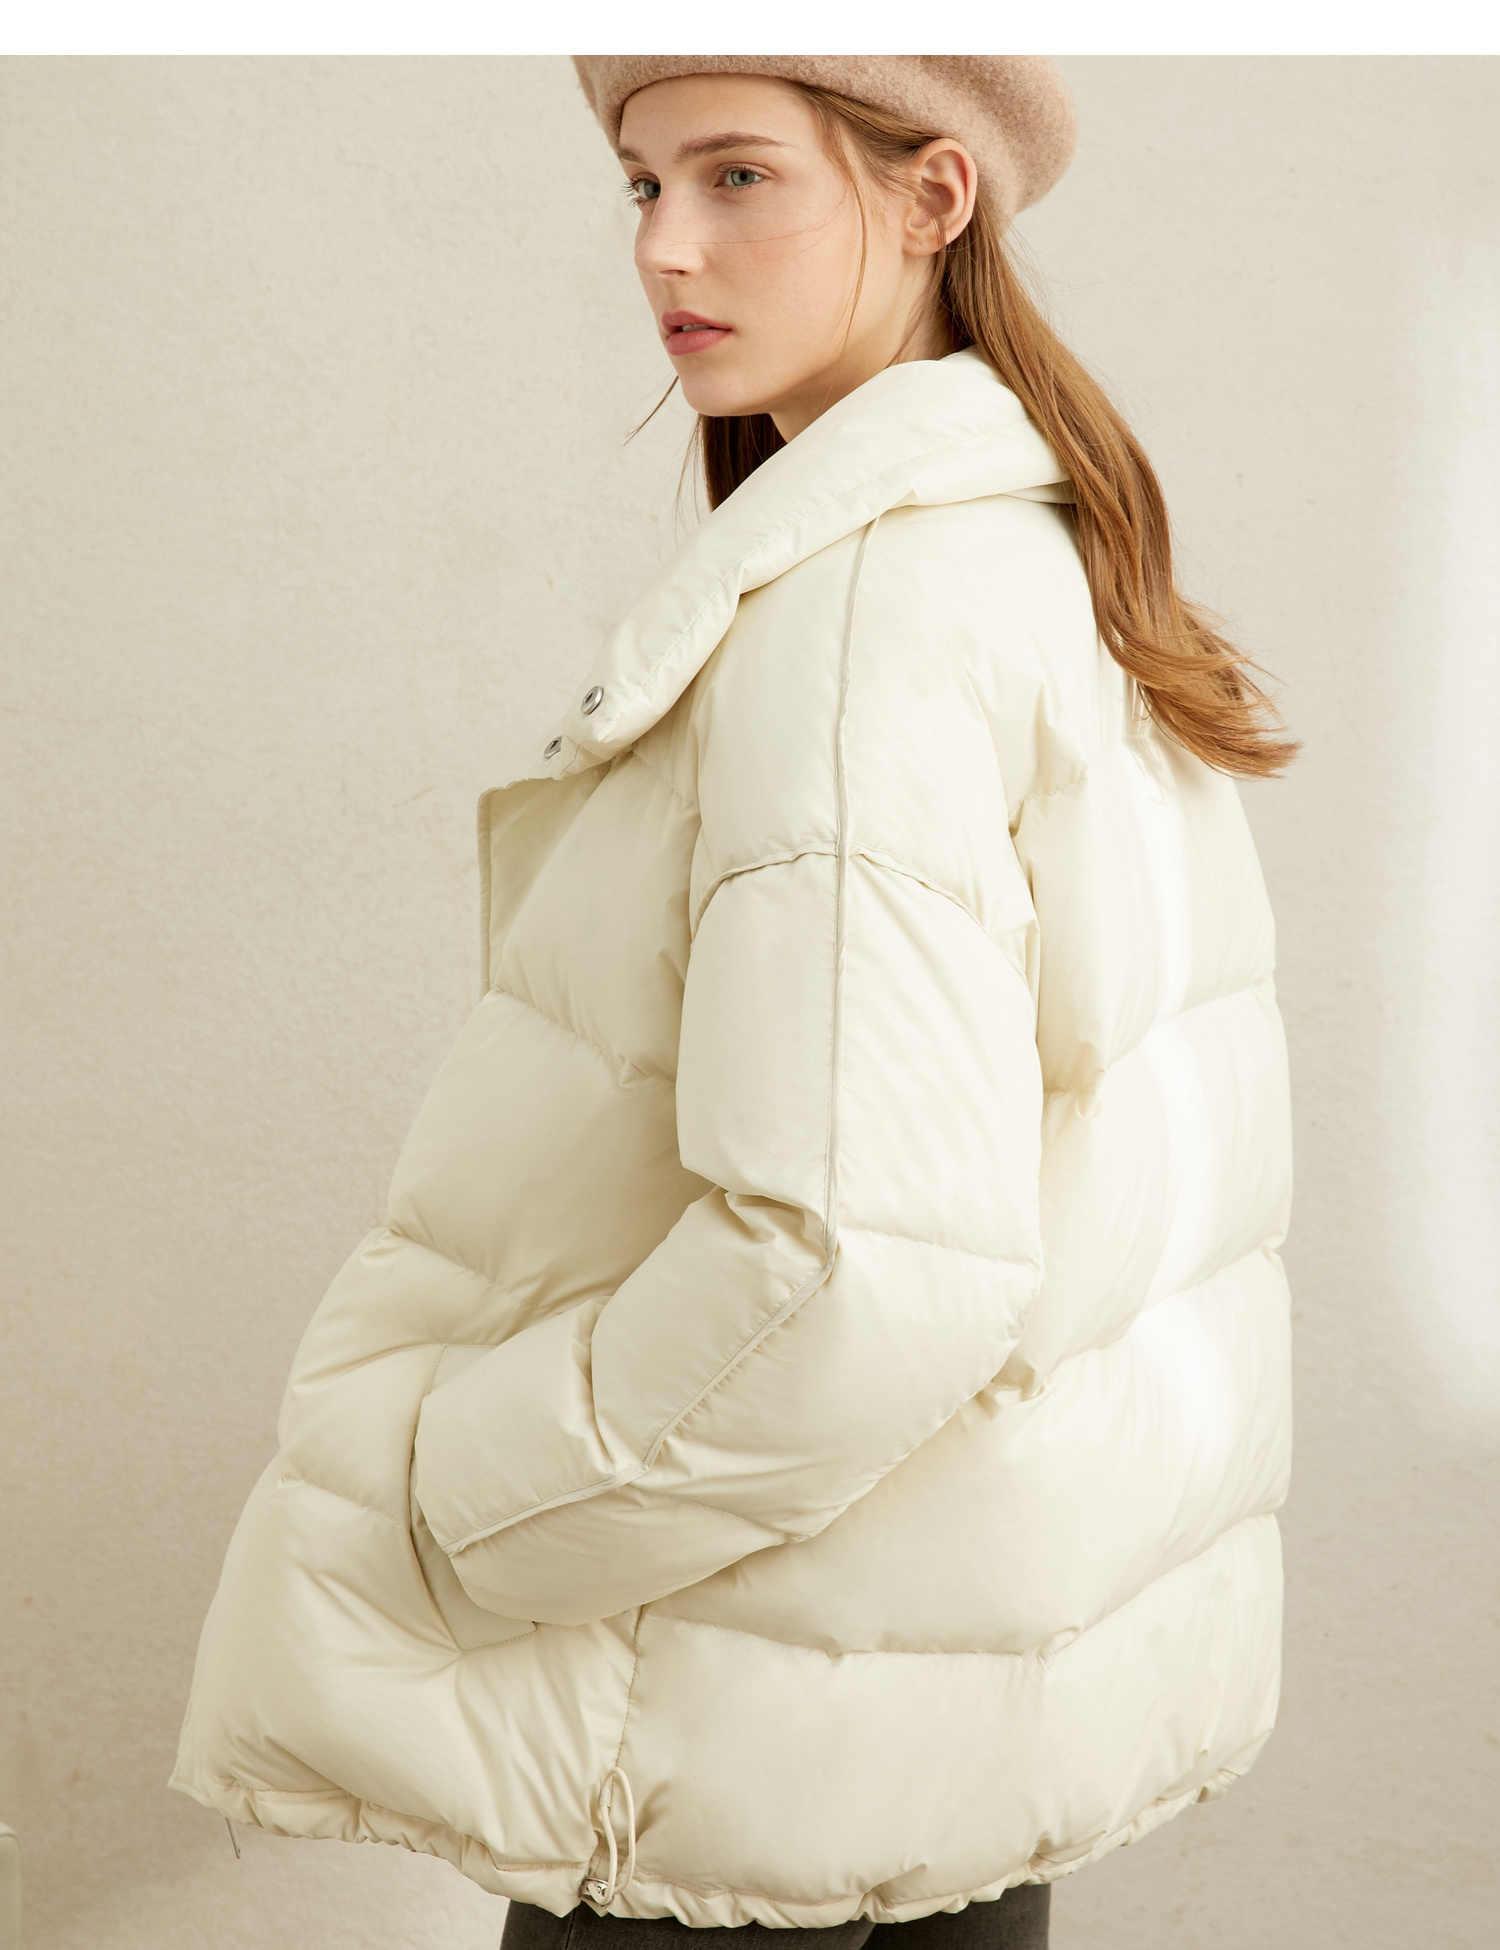 Amii Europäischen Station 90 Weiße Ente Unten Licht Unten Kleid Weibliche Winter Bekleidungs Neue Warme Kurze Brot Mantel für 2019